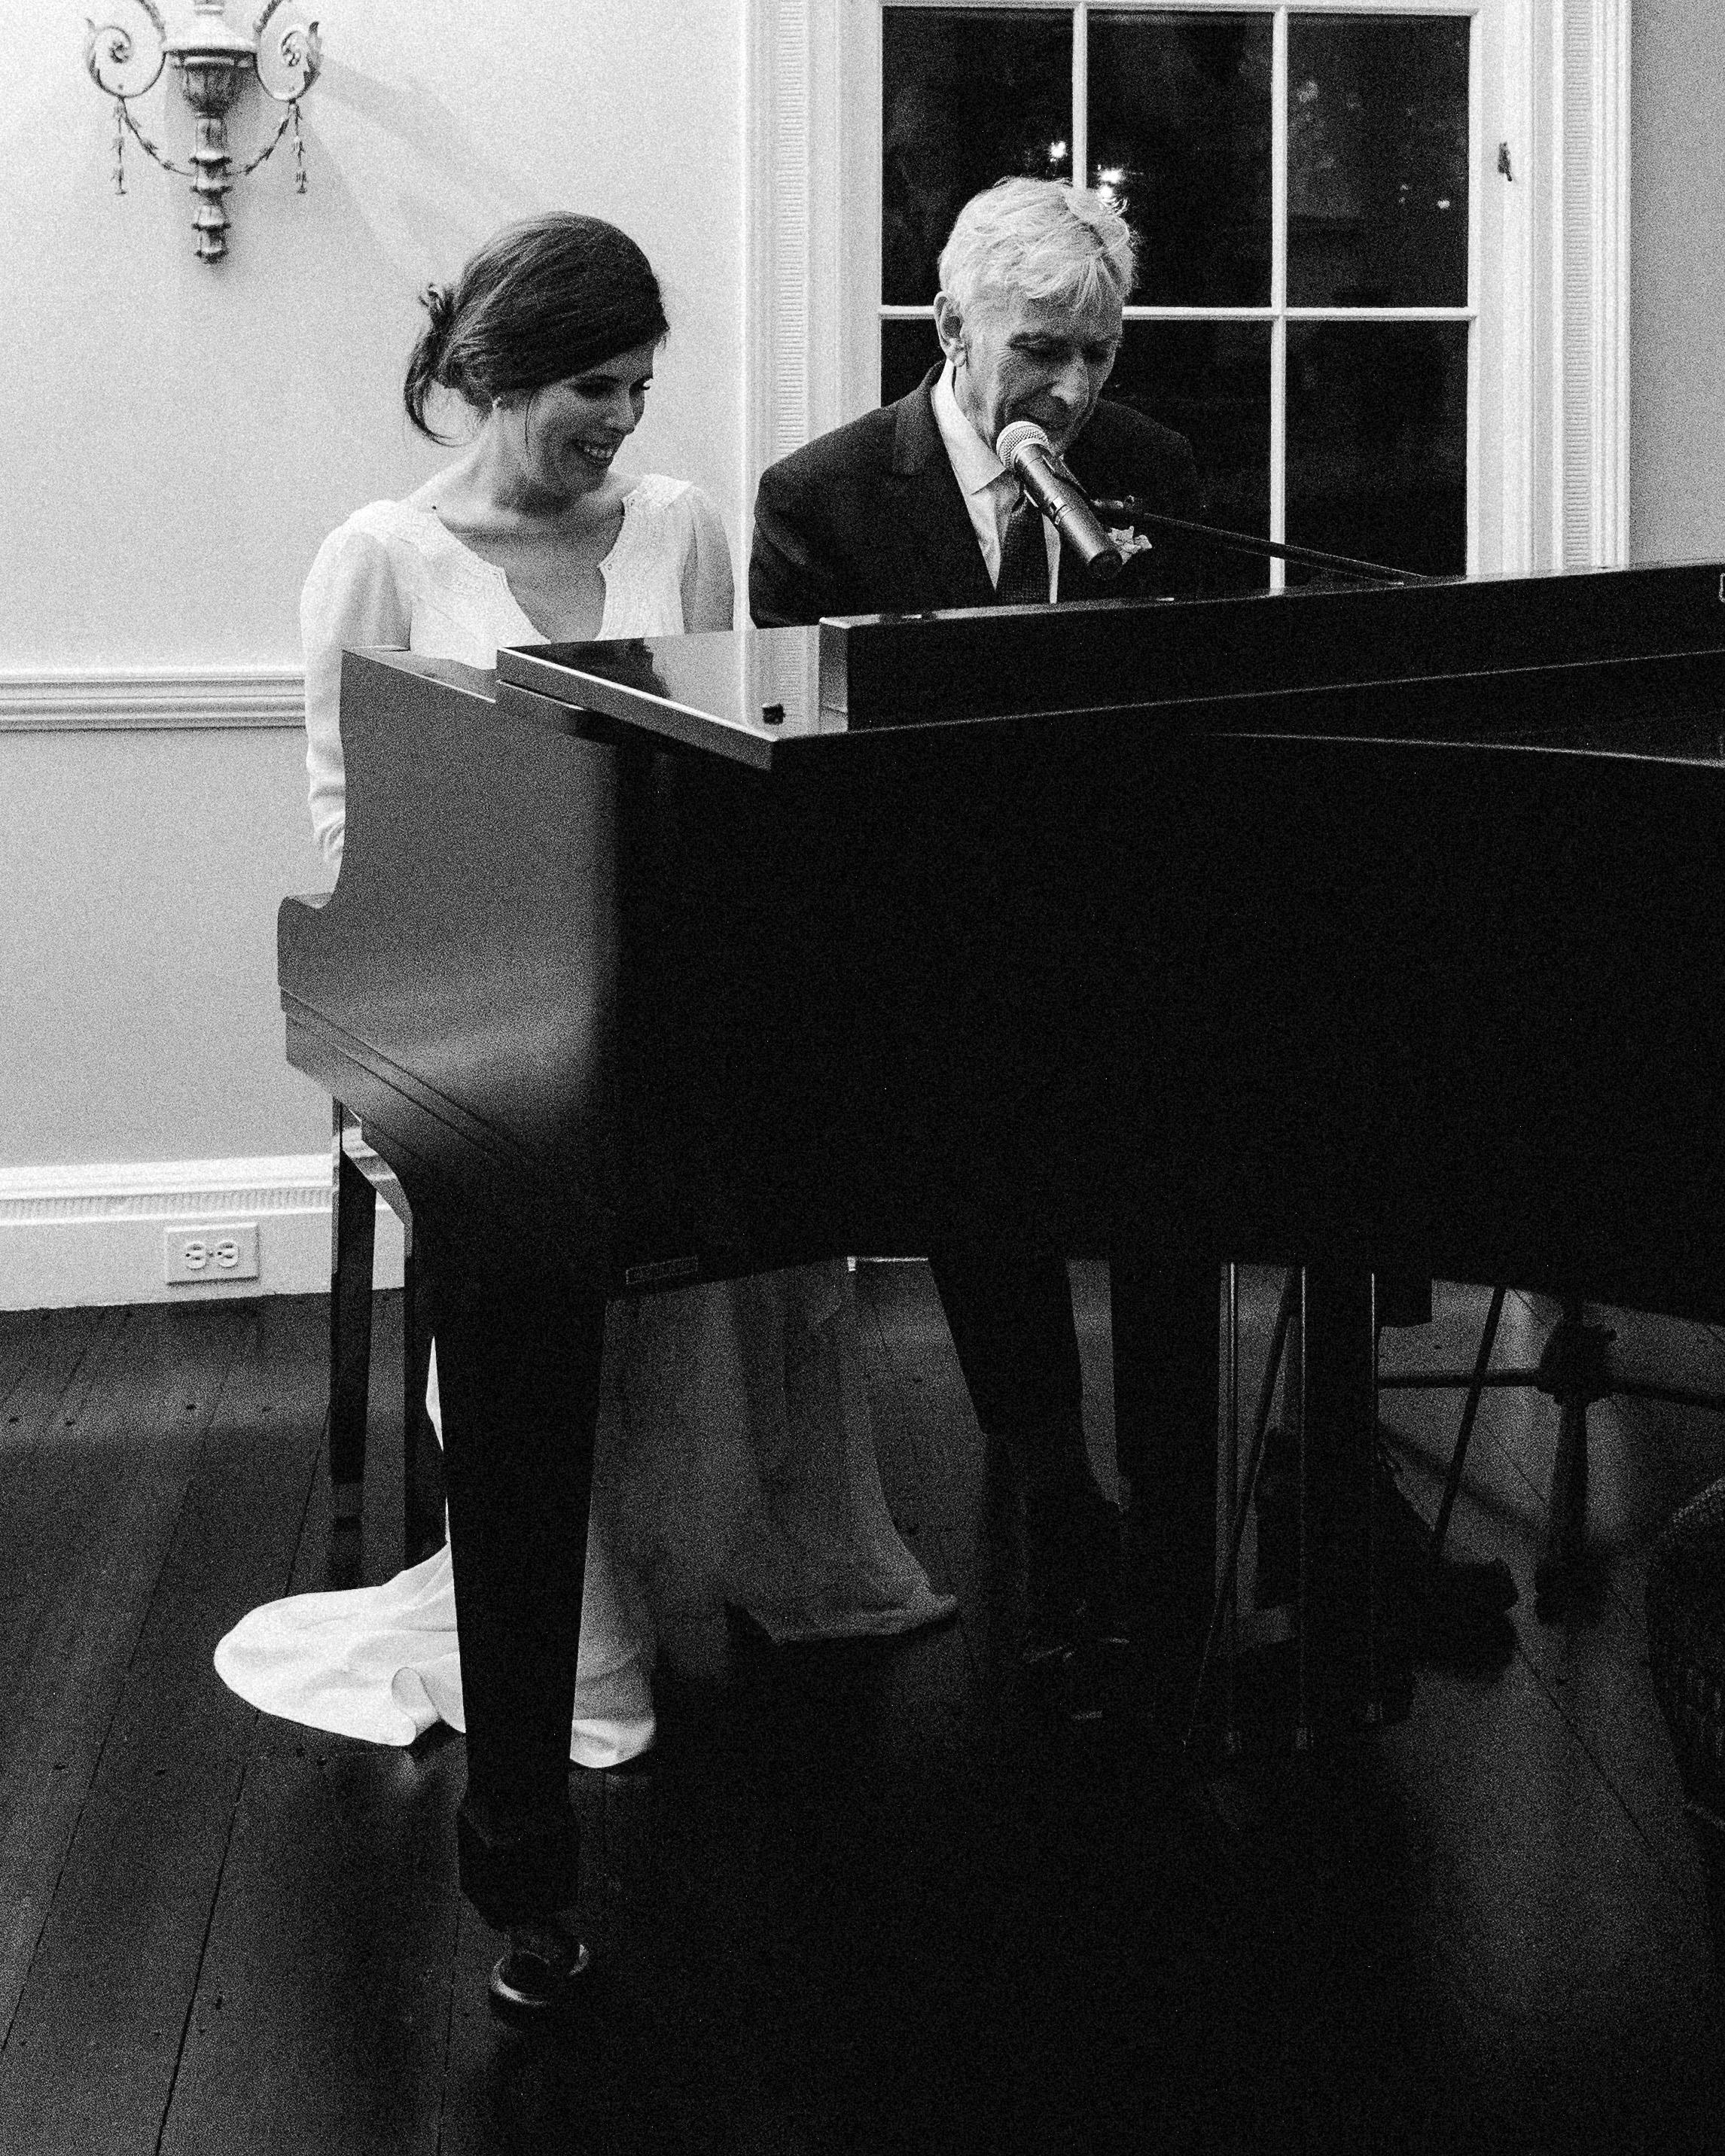 eden jack wedding dad daughter piano